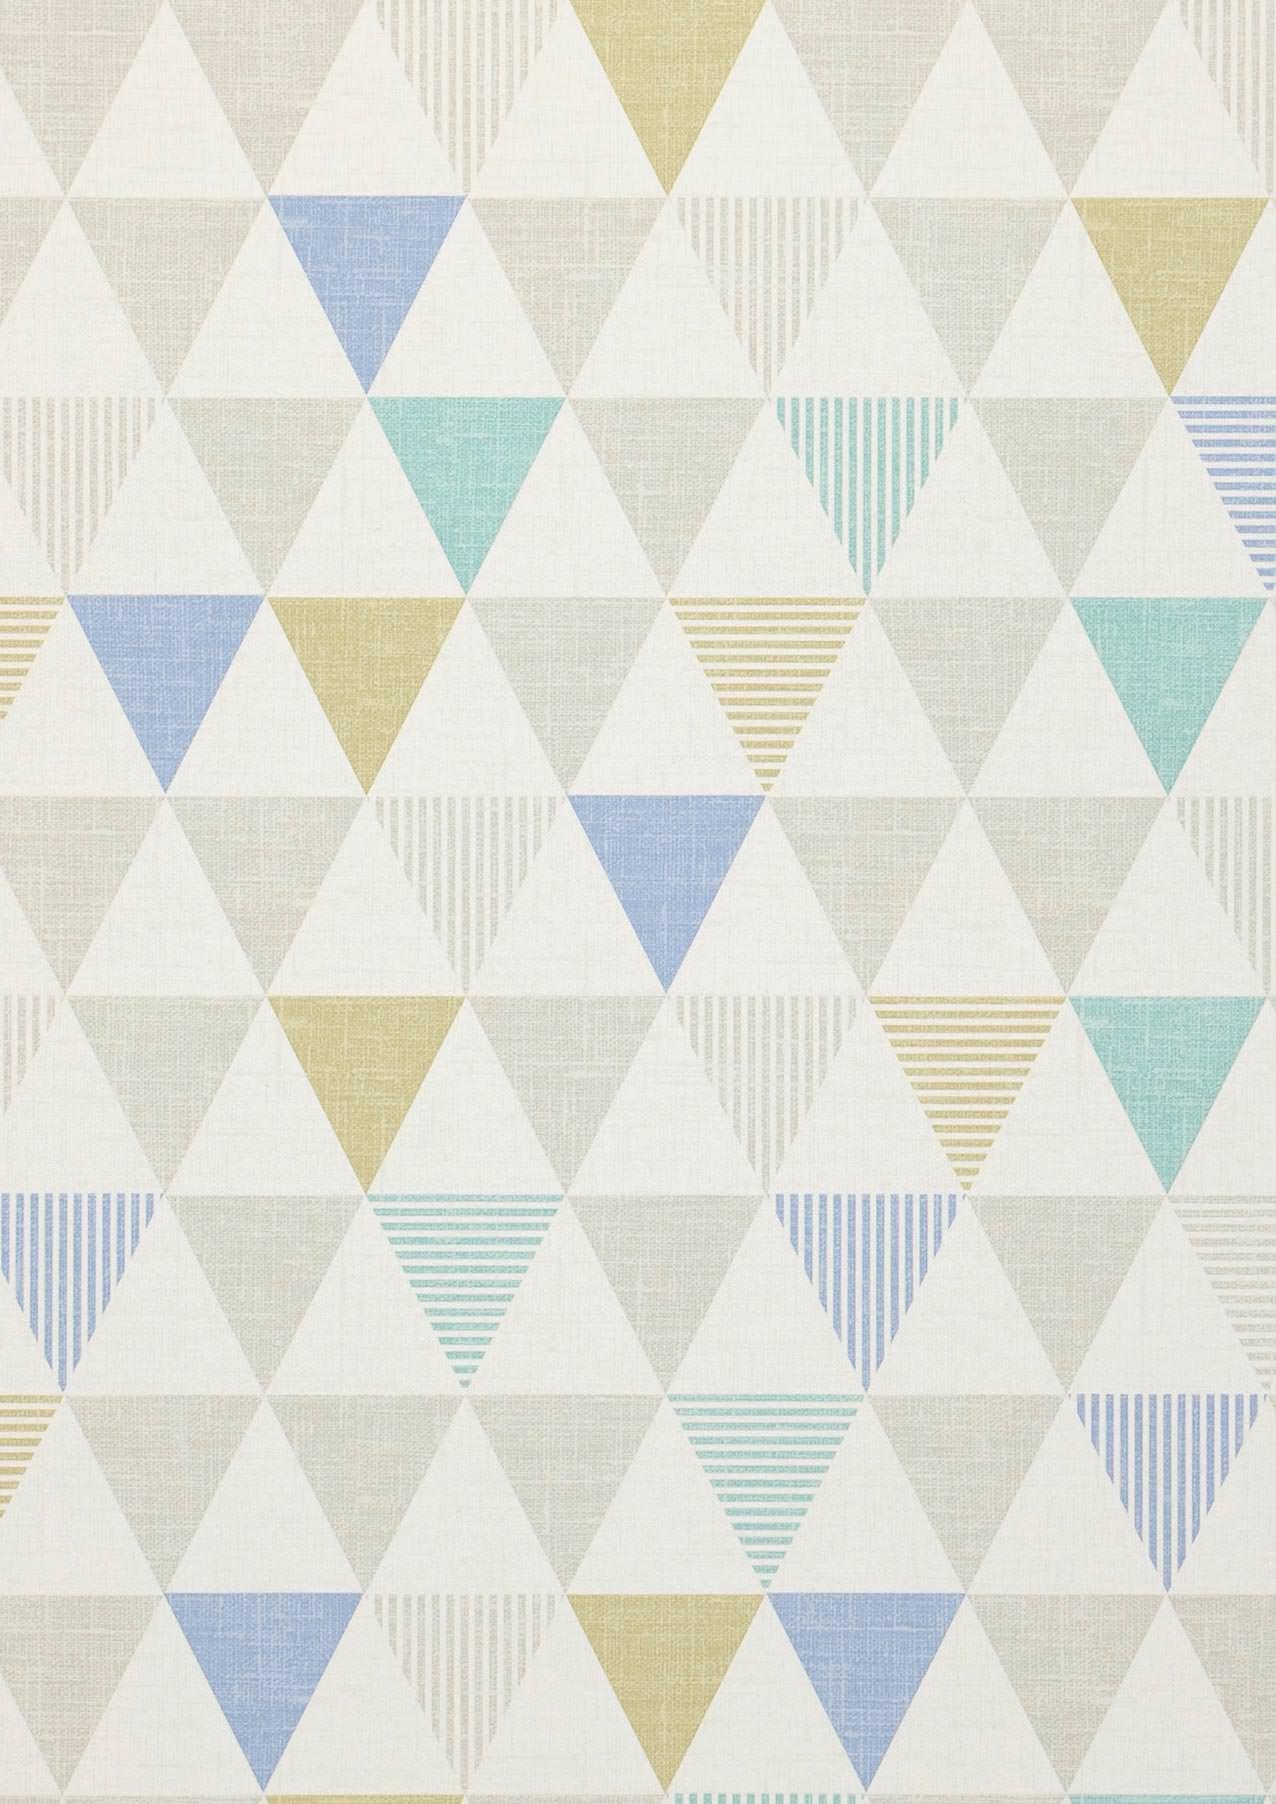 papier peint zenem blanc gris bleu gris jaune vert chatoyant turquoise brillant papier. Black Bedroom Furniture Sets. Home Design Ideas